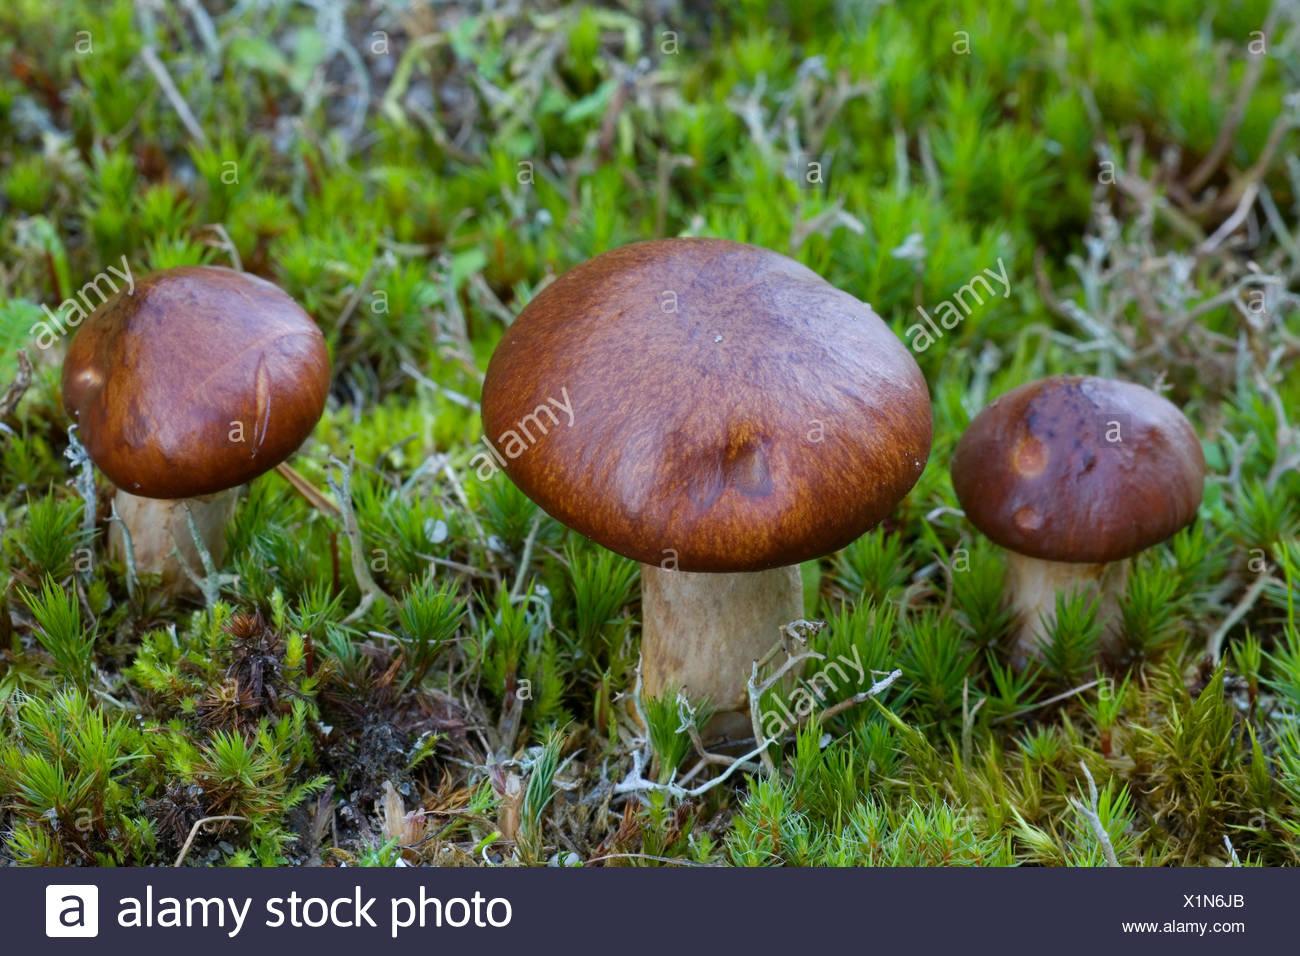 Jack resbaladizas (Suillus luteus) en MOSS, Dinamarca, Jutlandia Imagen De Stock